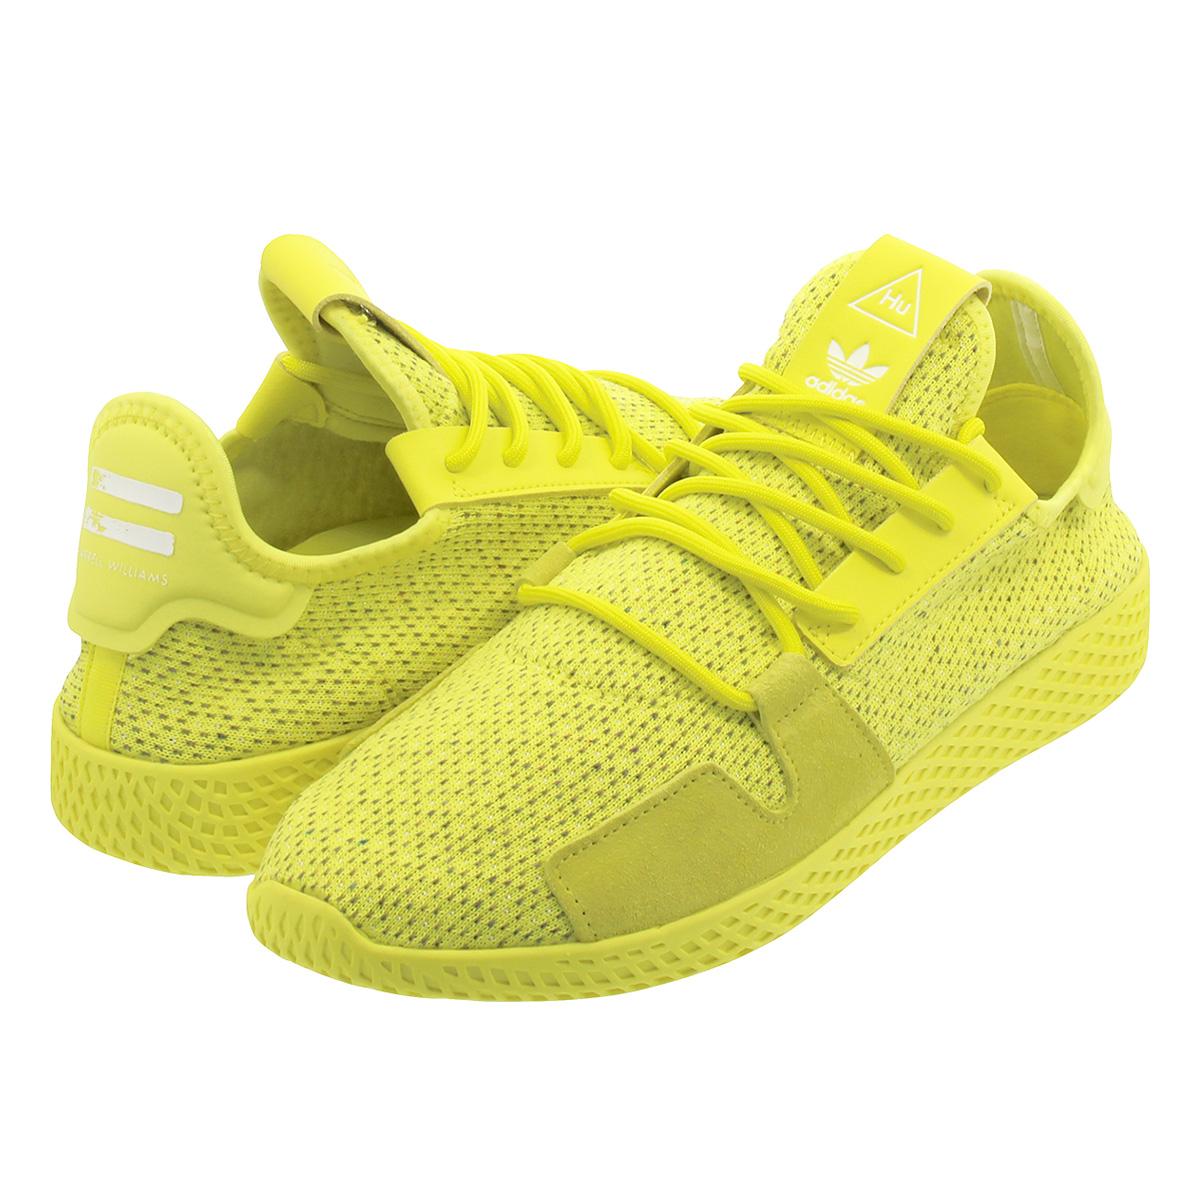 46ff7657987e adidas PW TENNIS HU V2 Adidas Farrell Williams tennis HU V2 SHOCK YELLOW SHOCK  YELLOW RUNNING WHITE db3329